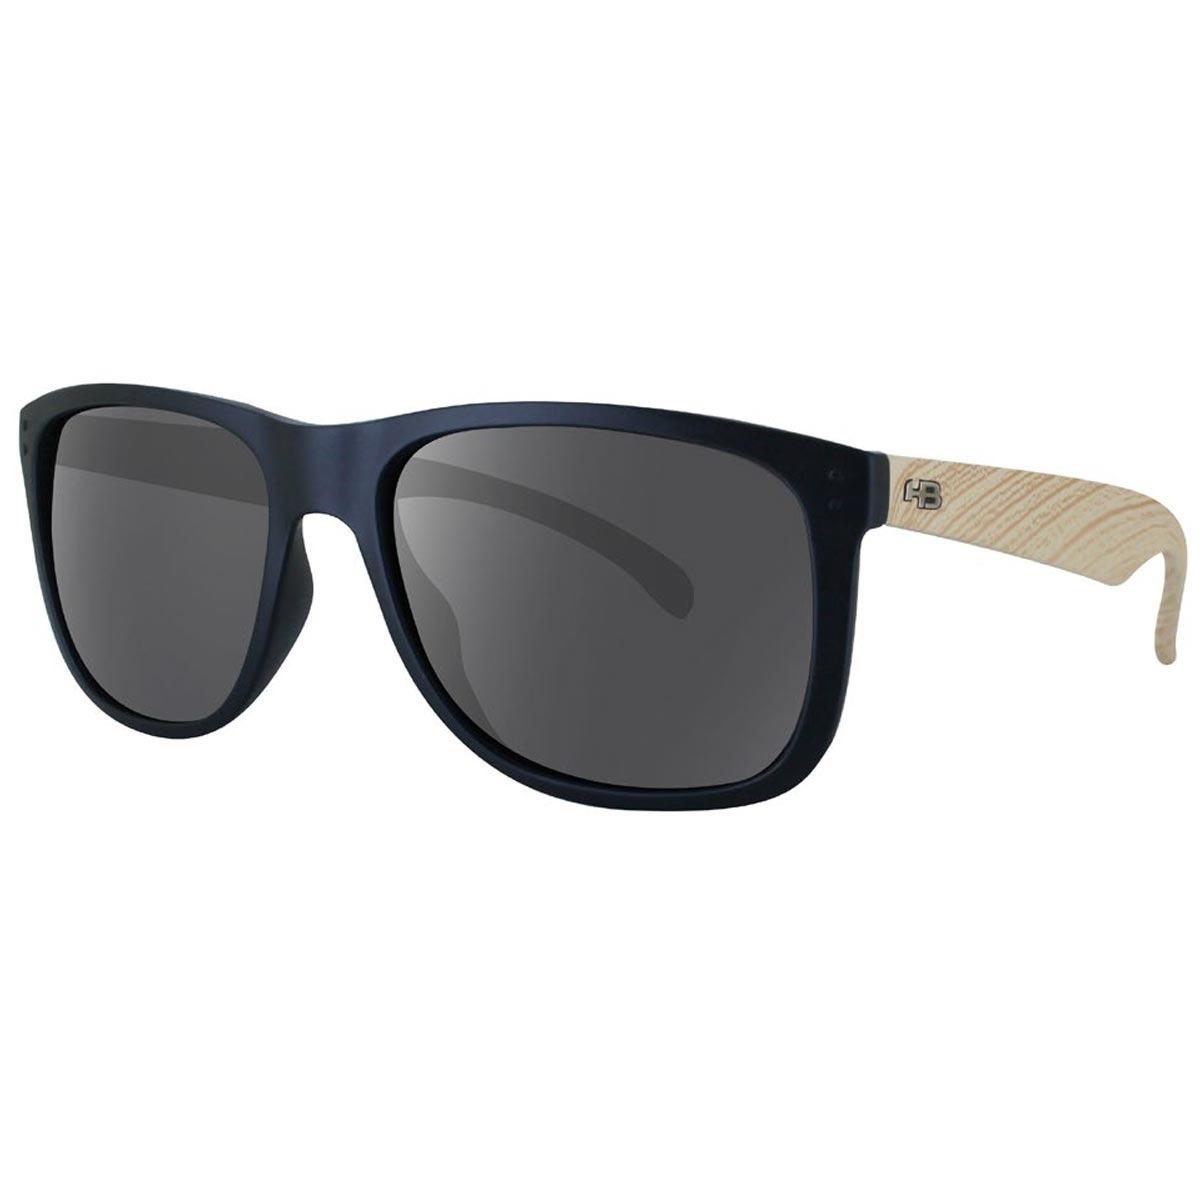 e32859a46 Óculos De Sol Hb Ozzie - Matte/black/wood - R$ 227,00 em Mercado Livre